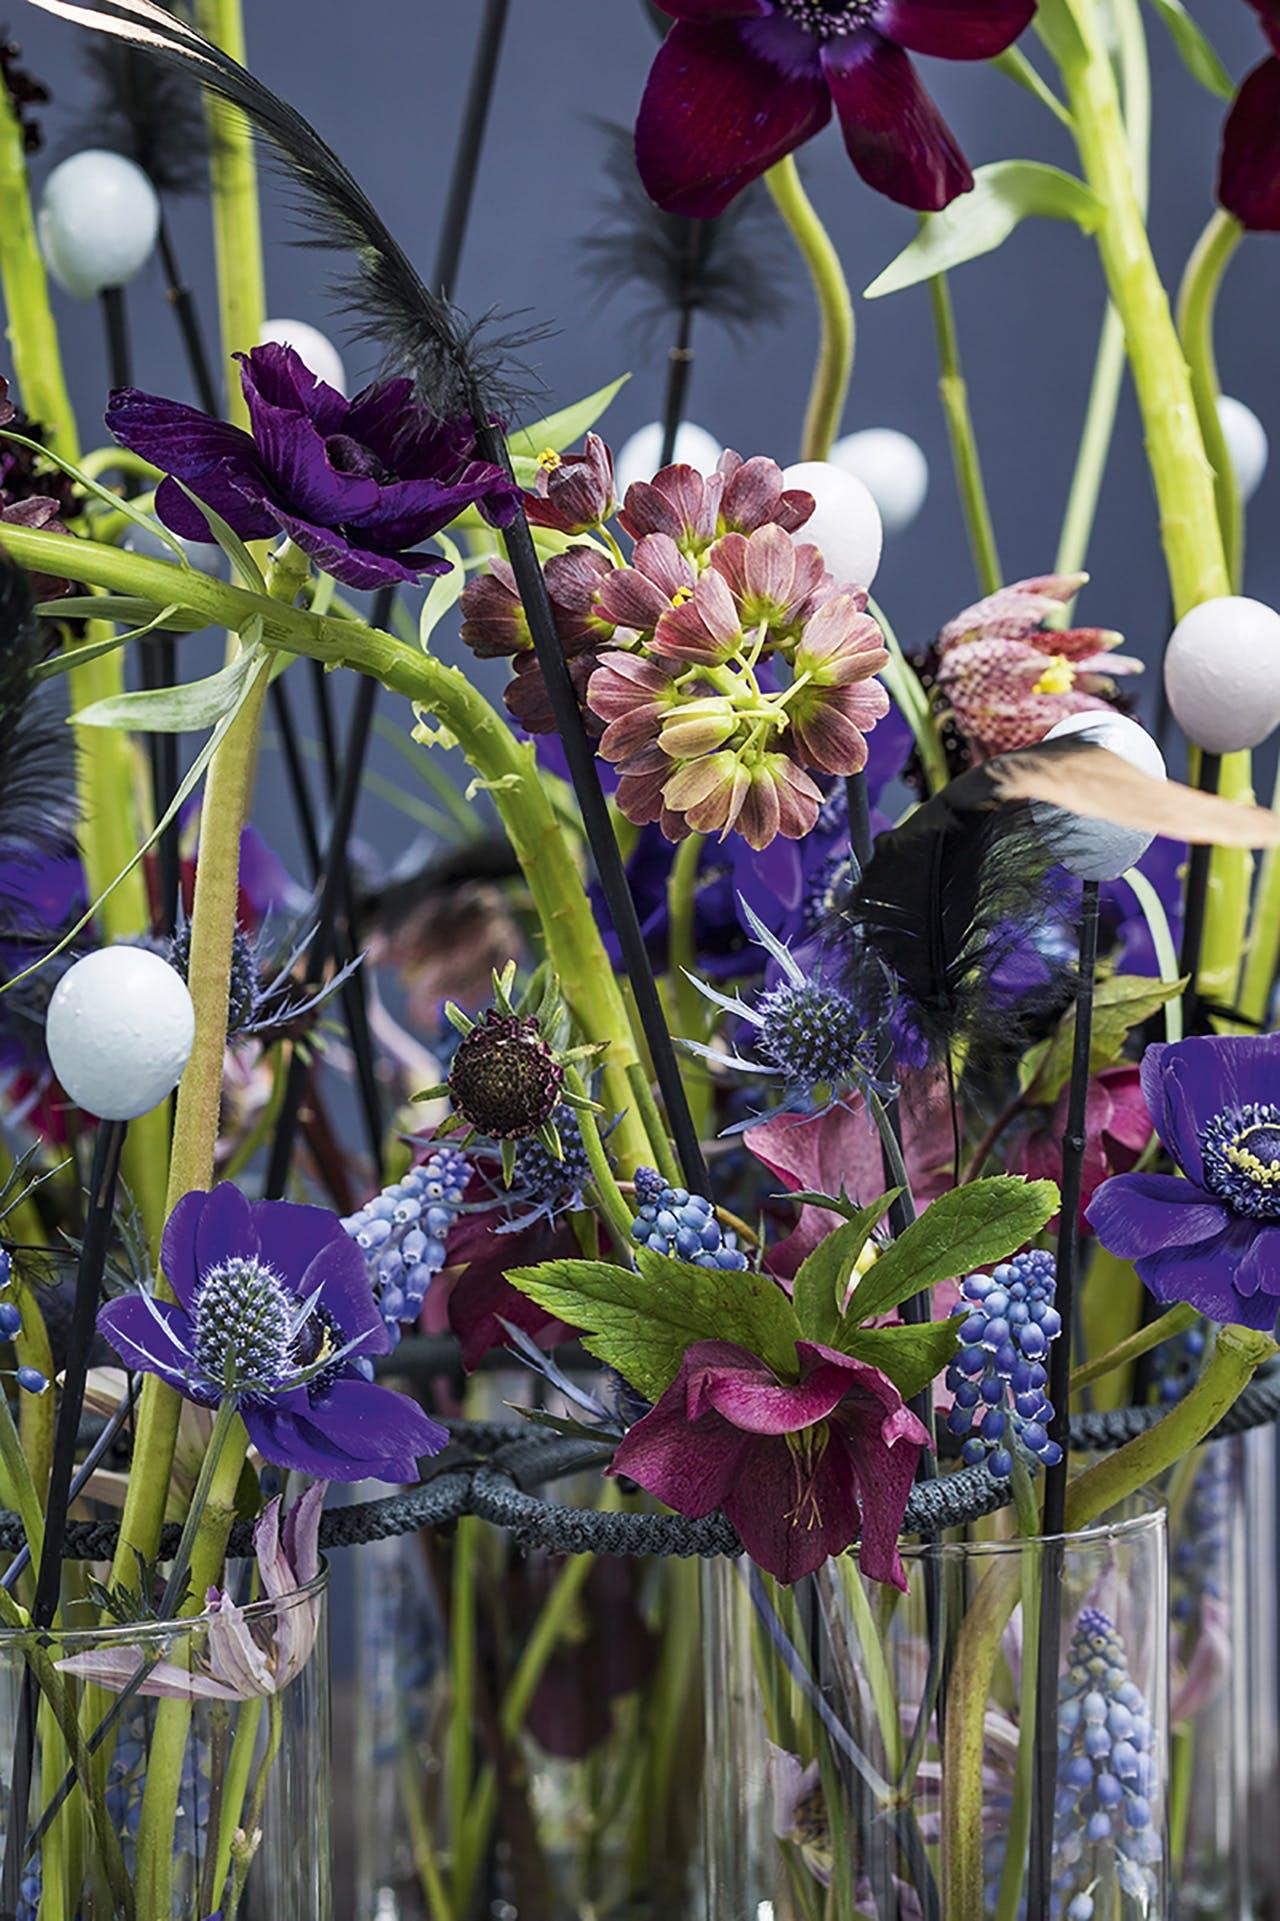 blomsterdekoration tulipaner påskebord påske